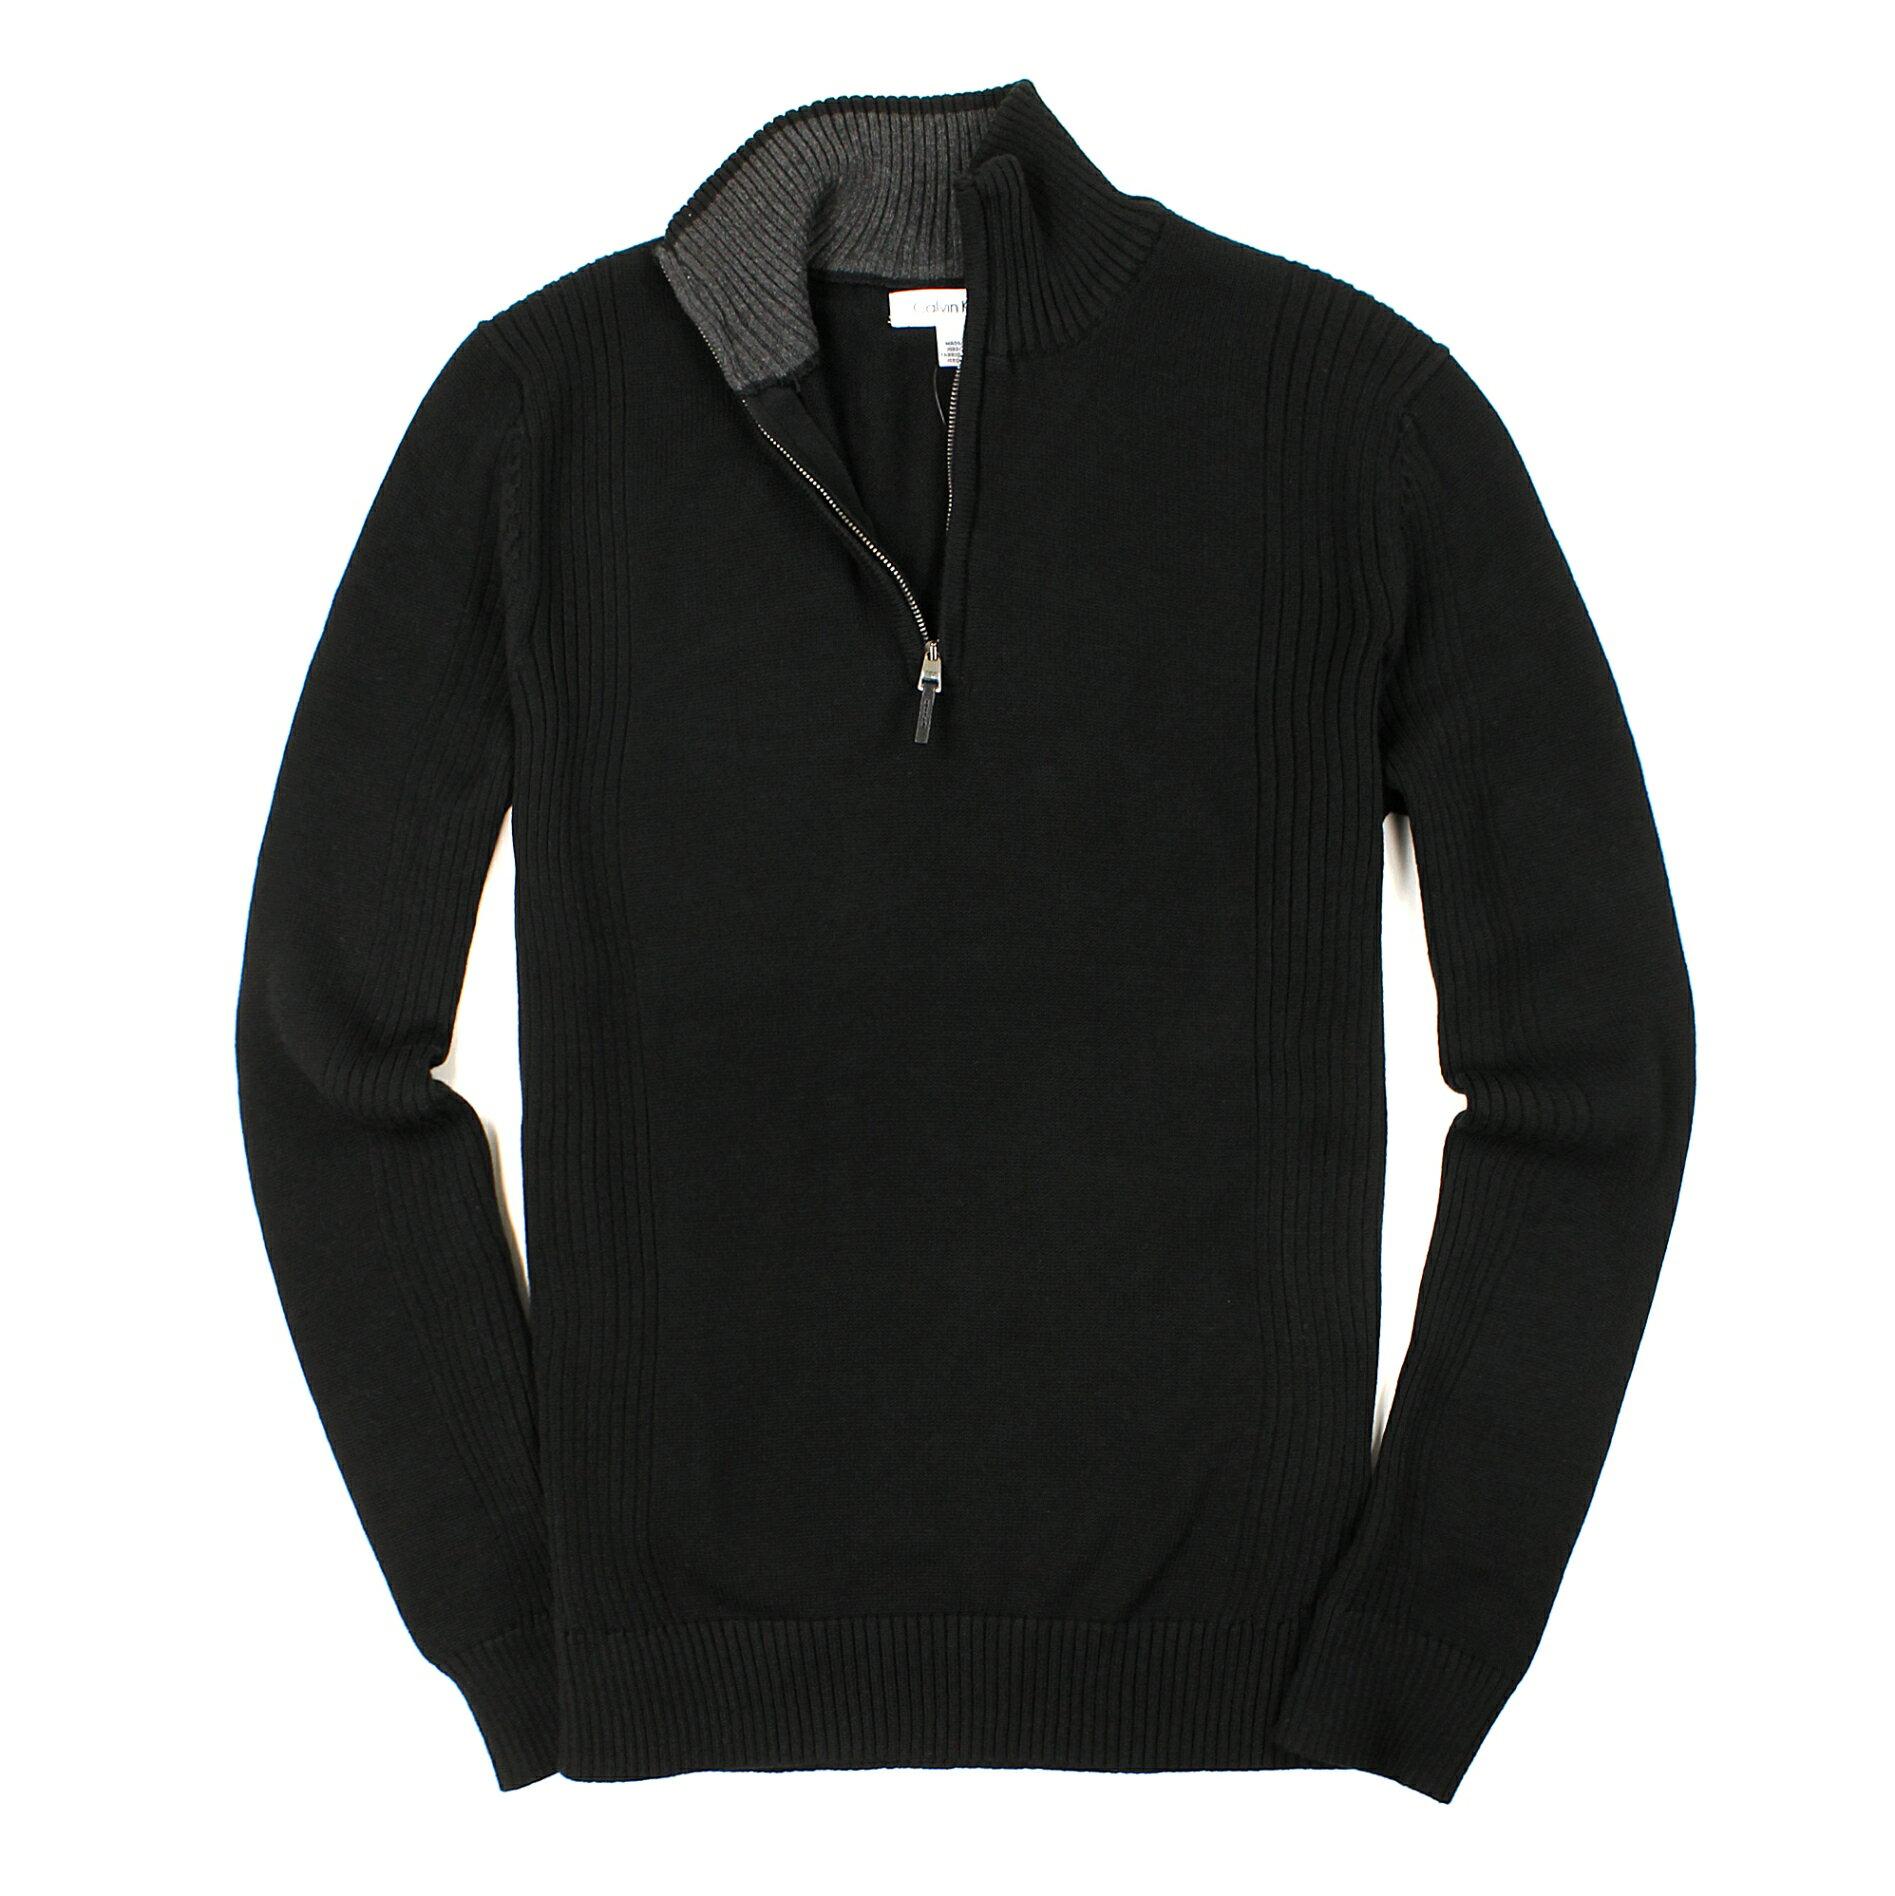 美國百分百【全新真品】Calvin Klein 針織衫 CK 線衫 上衣 棉質毛衣 黑 大尺 半拉 皮革 男 S M L XL B665